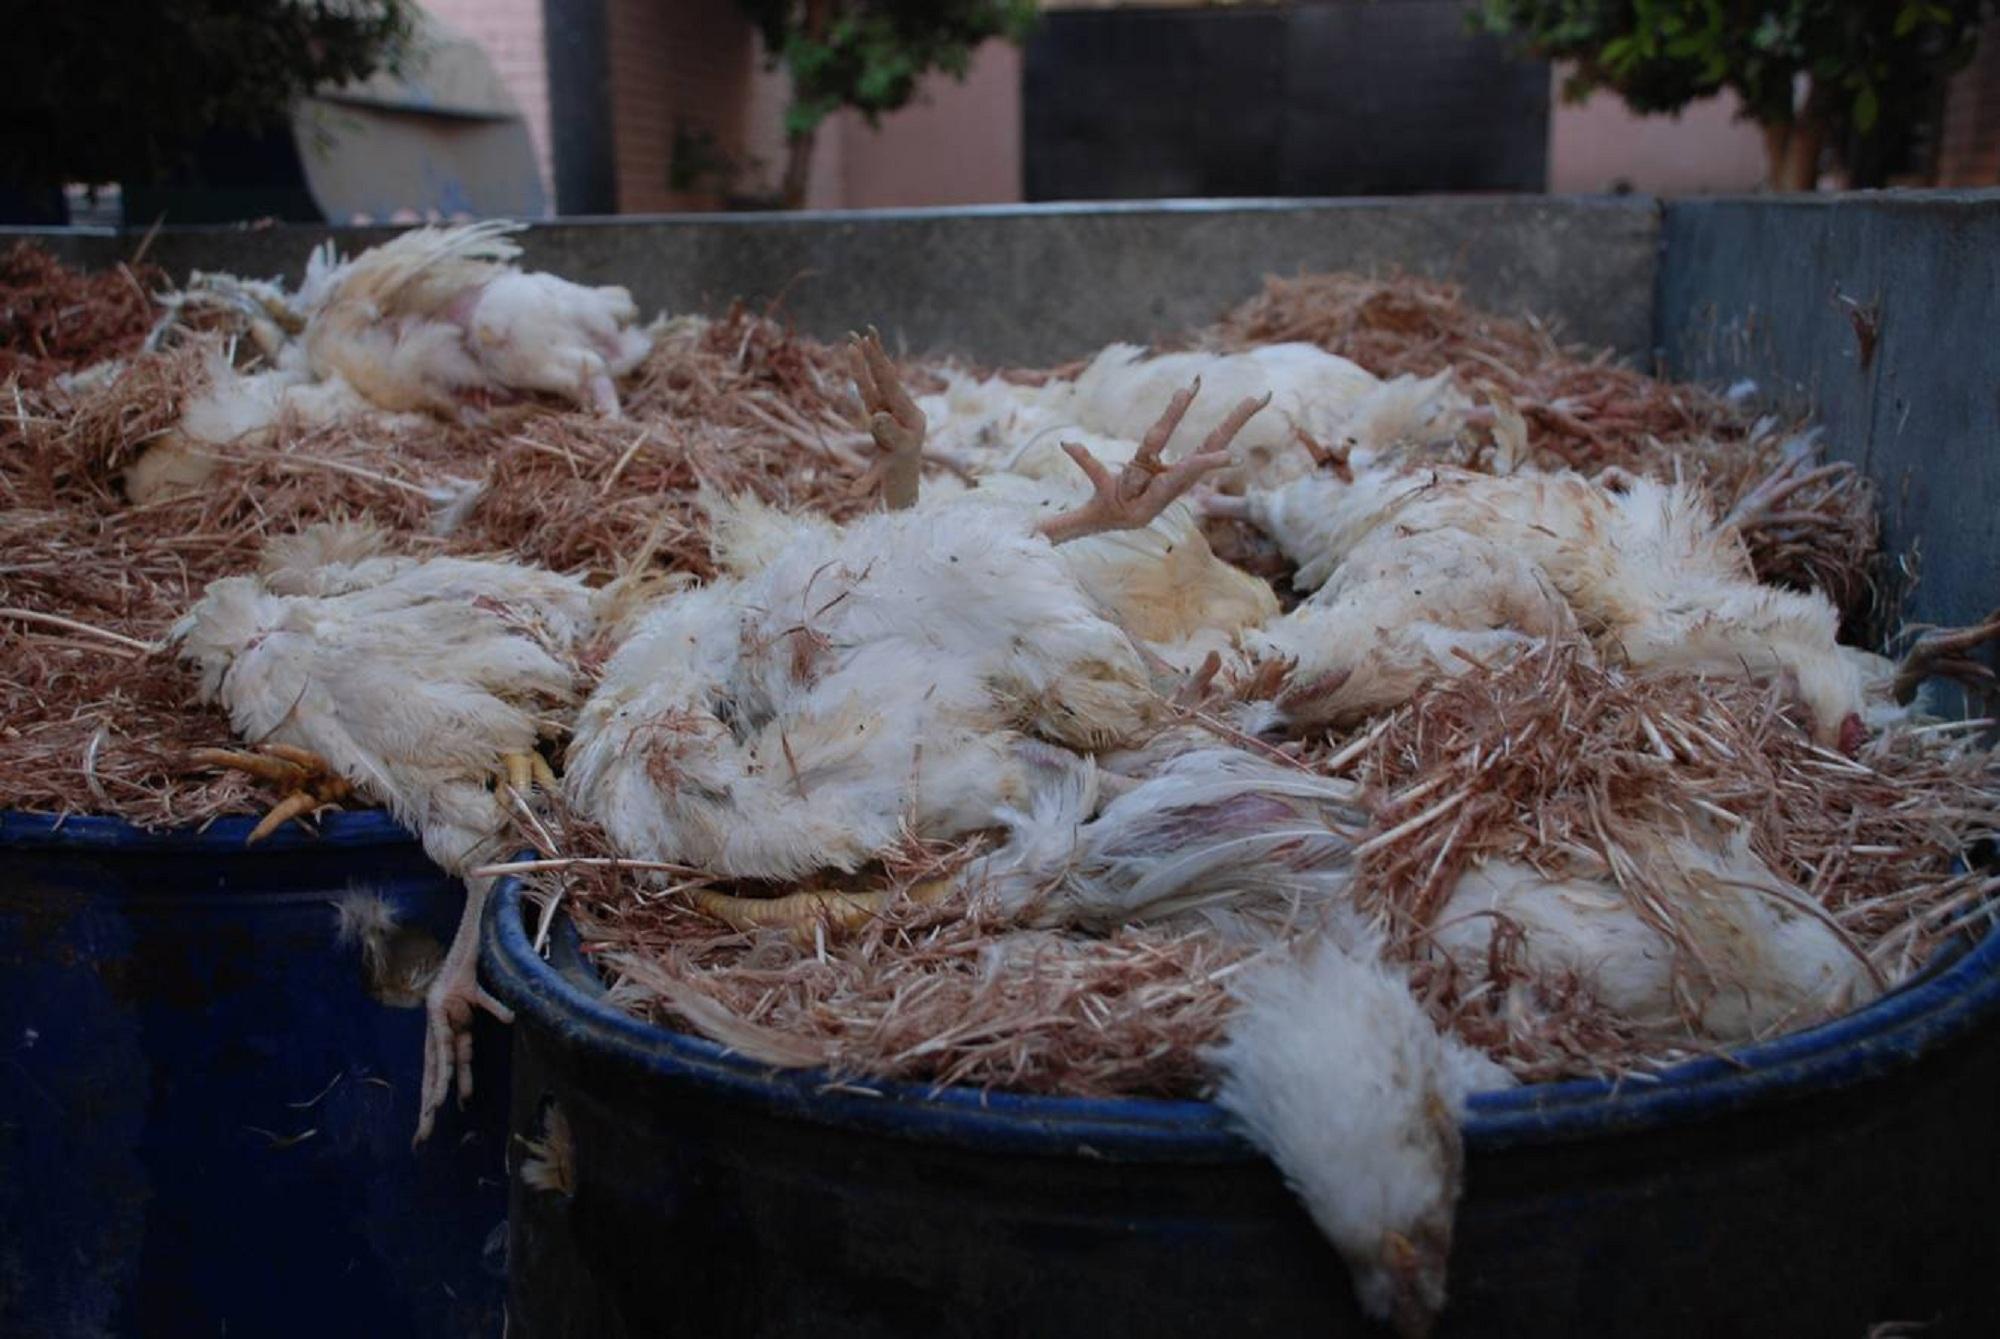 فضيحة:ساكنة العرائش تأكل دجاجا فاسدا…يُصعق بالكهرباء وتُطحن عظامه لتُصبح كفتة